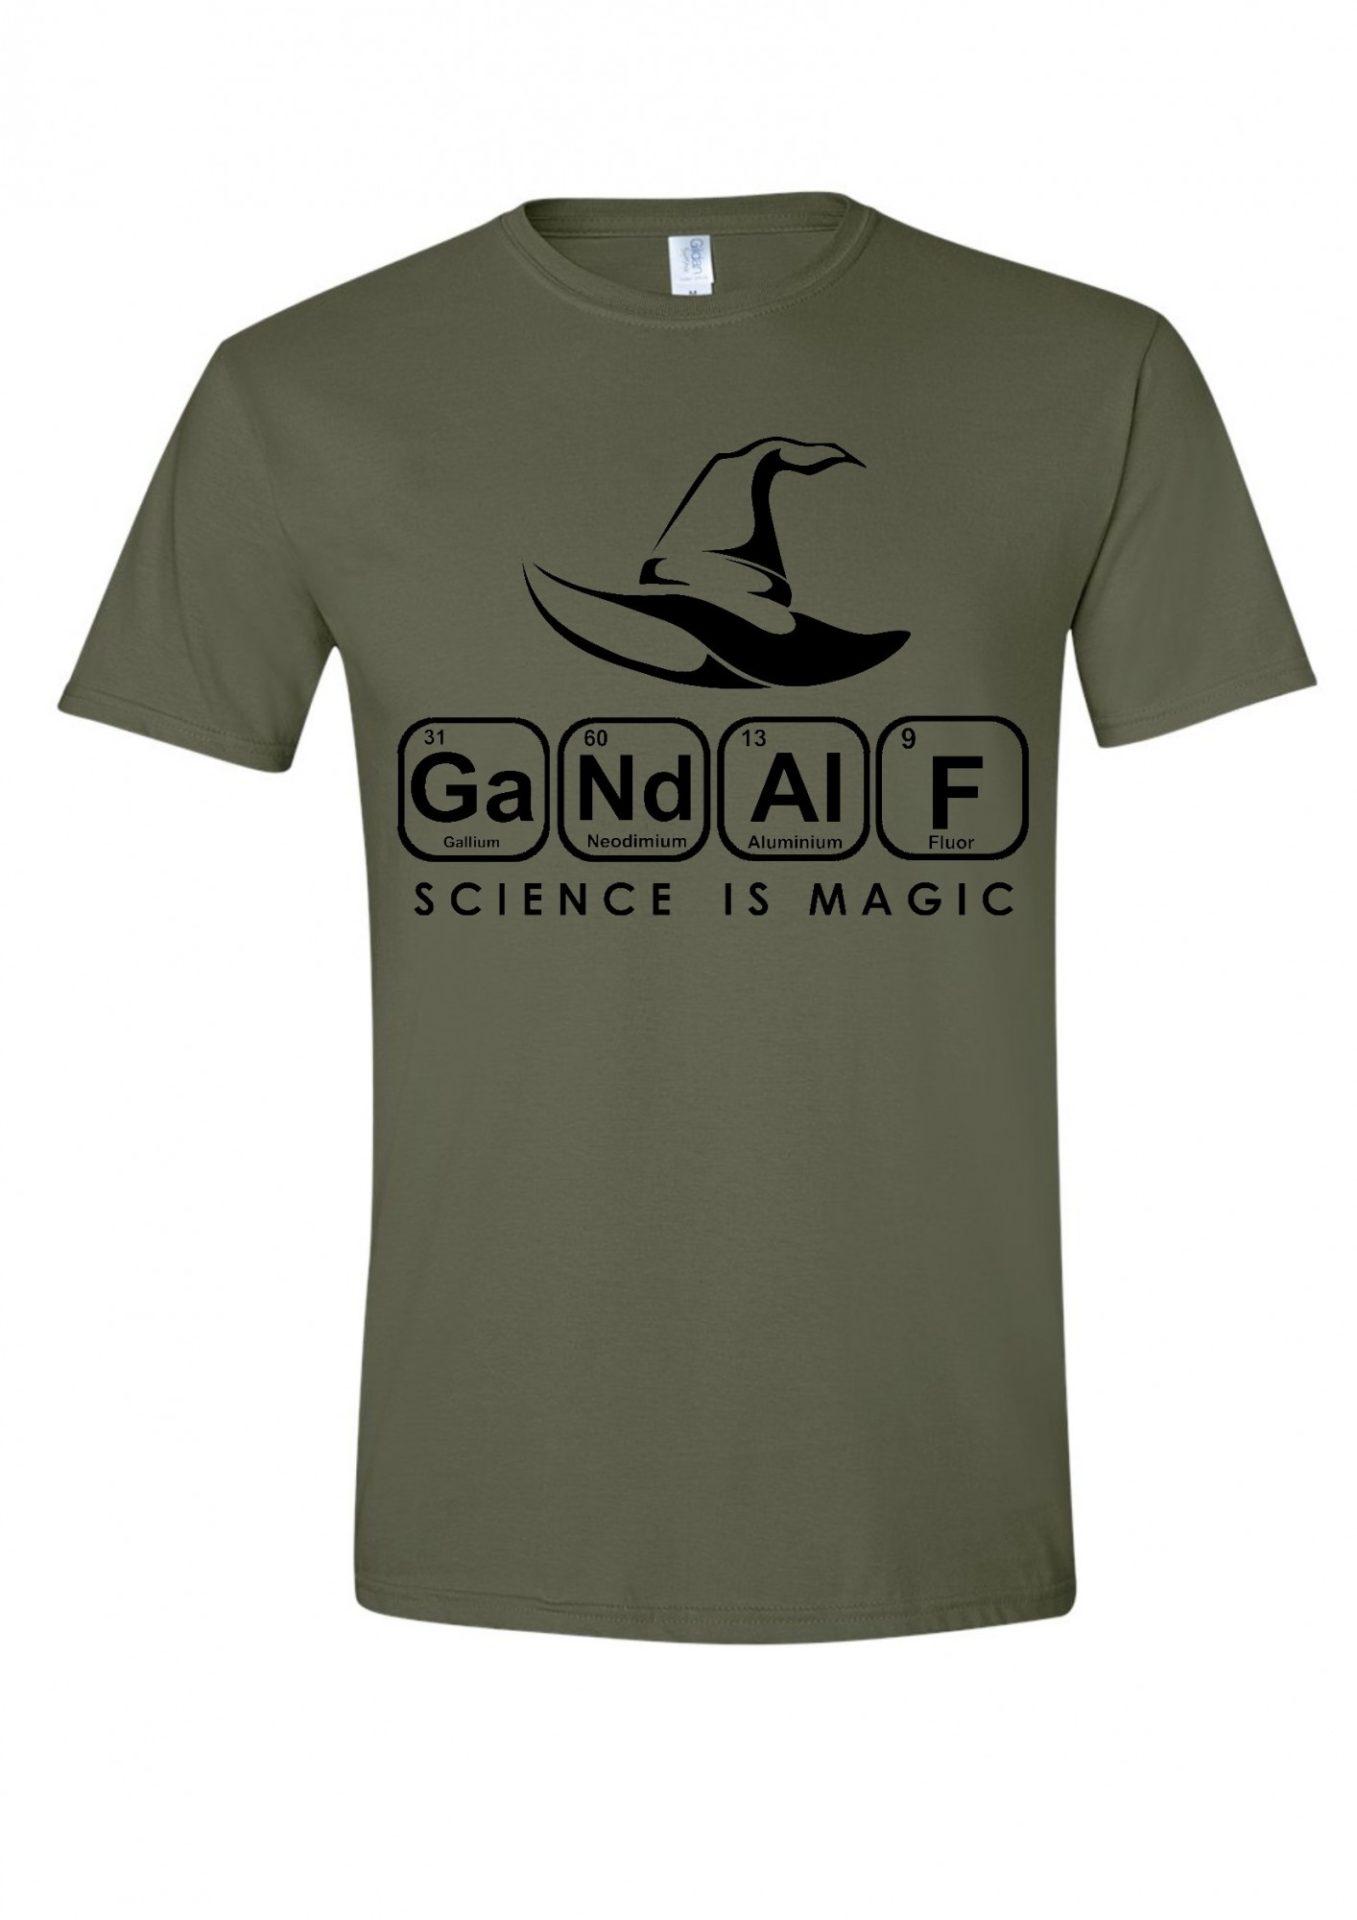 29bbb79948 Gandalf Science is Magic férfi póló | Póló ügynökség